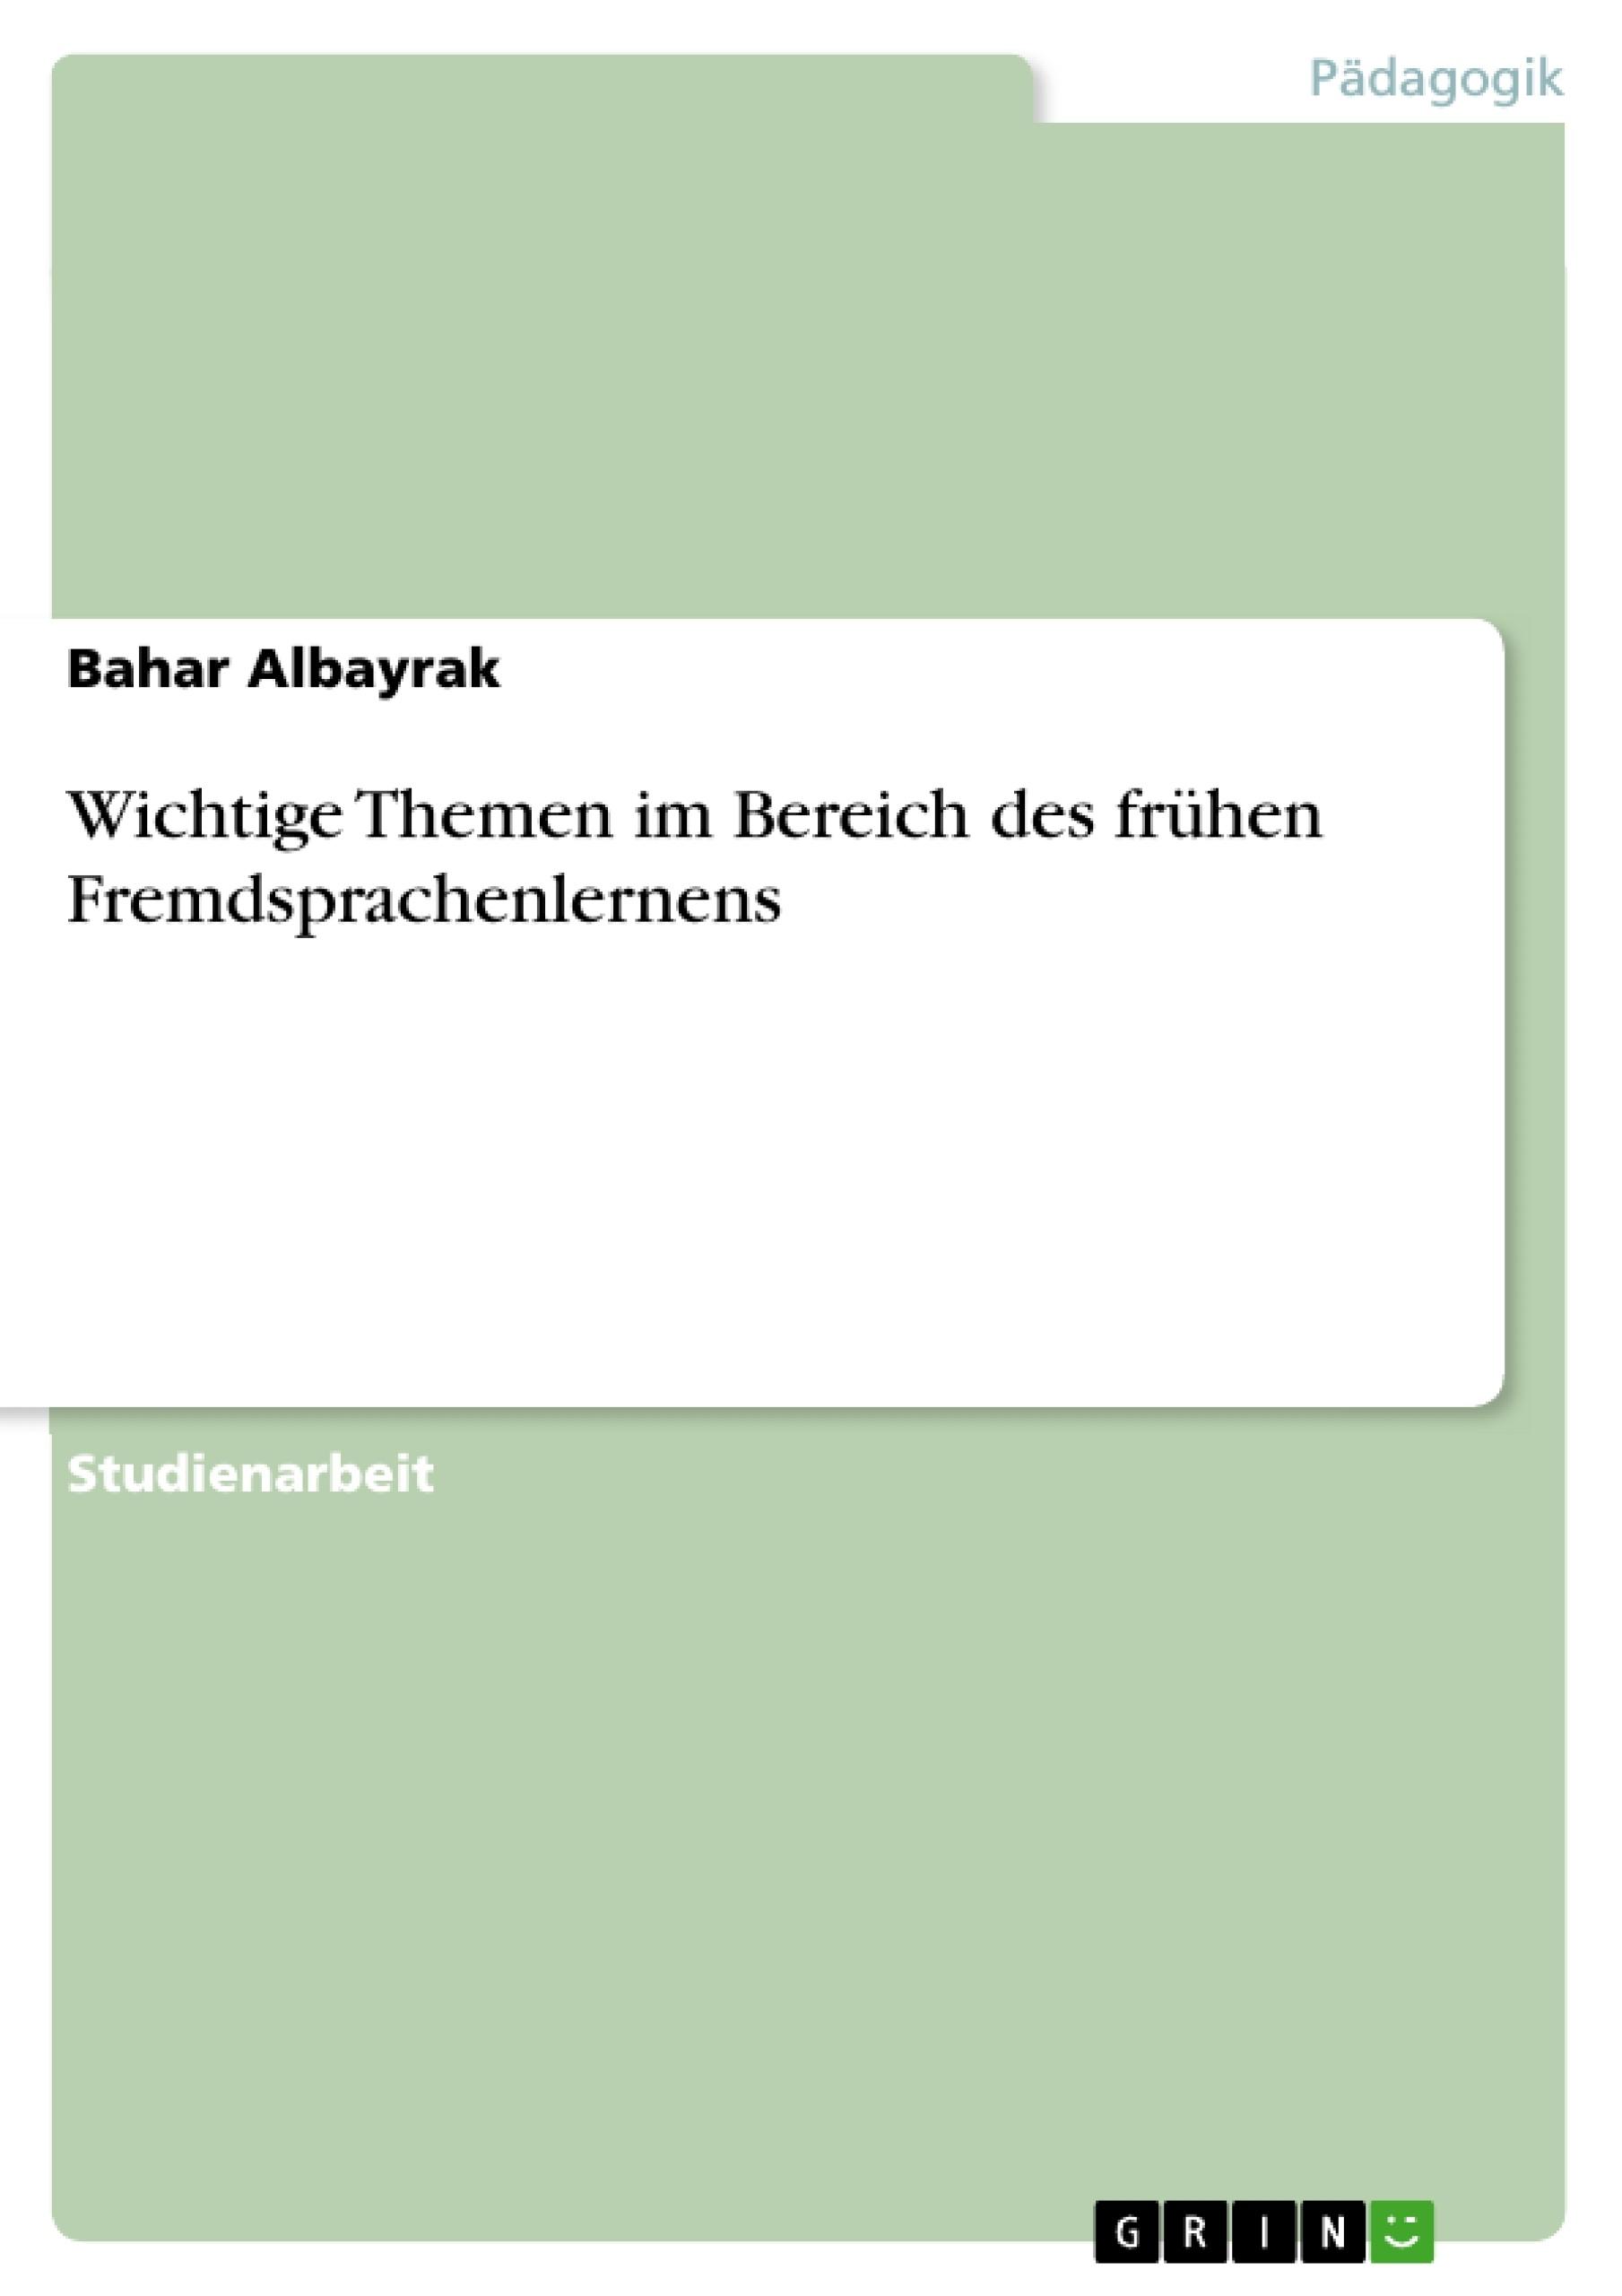 Titel: Wichtige Themen im Bereich des frühen Fremdsprachenlernens